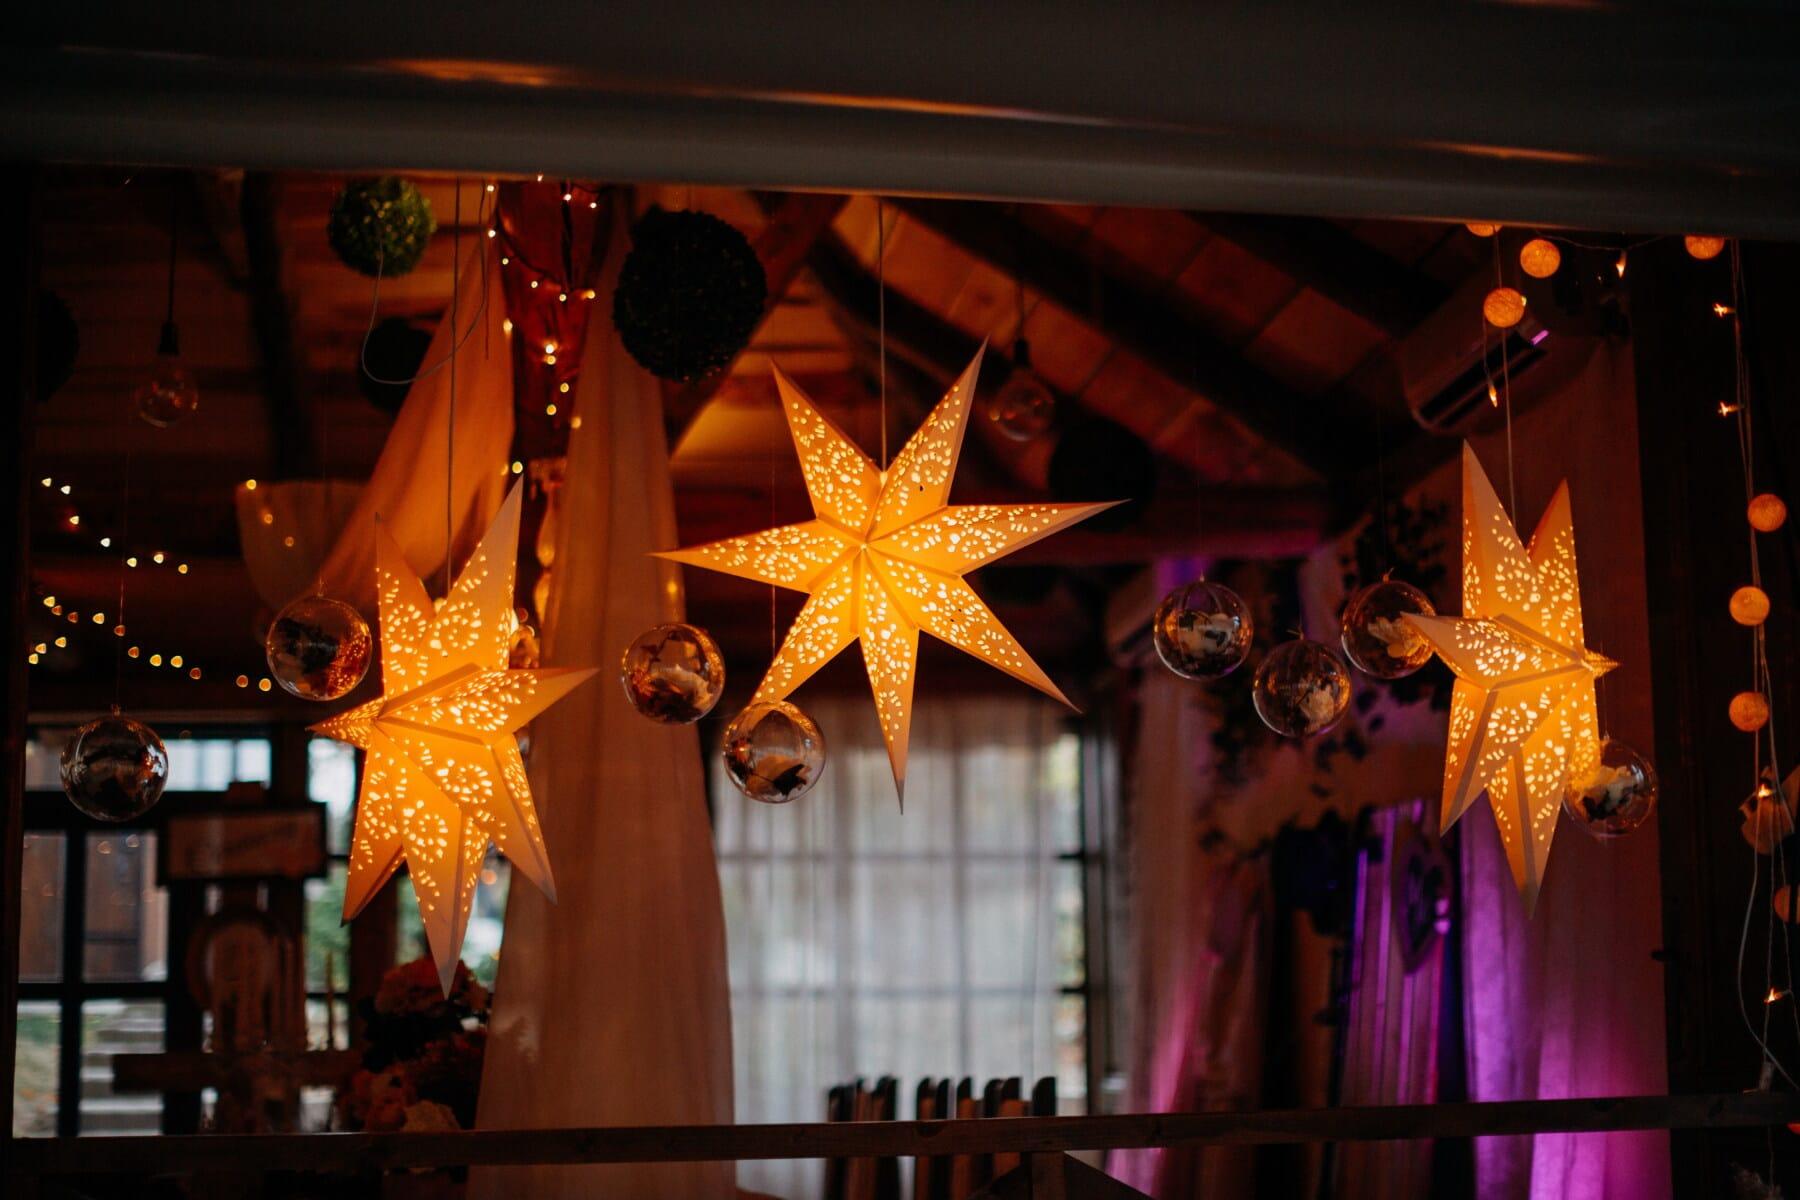 Sterne, Dekoration, Interieur-design, Dekor, 'Nabend, Zimmer, Atmosphäre, Beleuchtung, hängende, Ornament